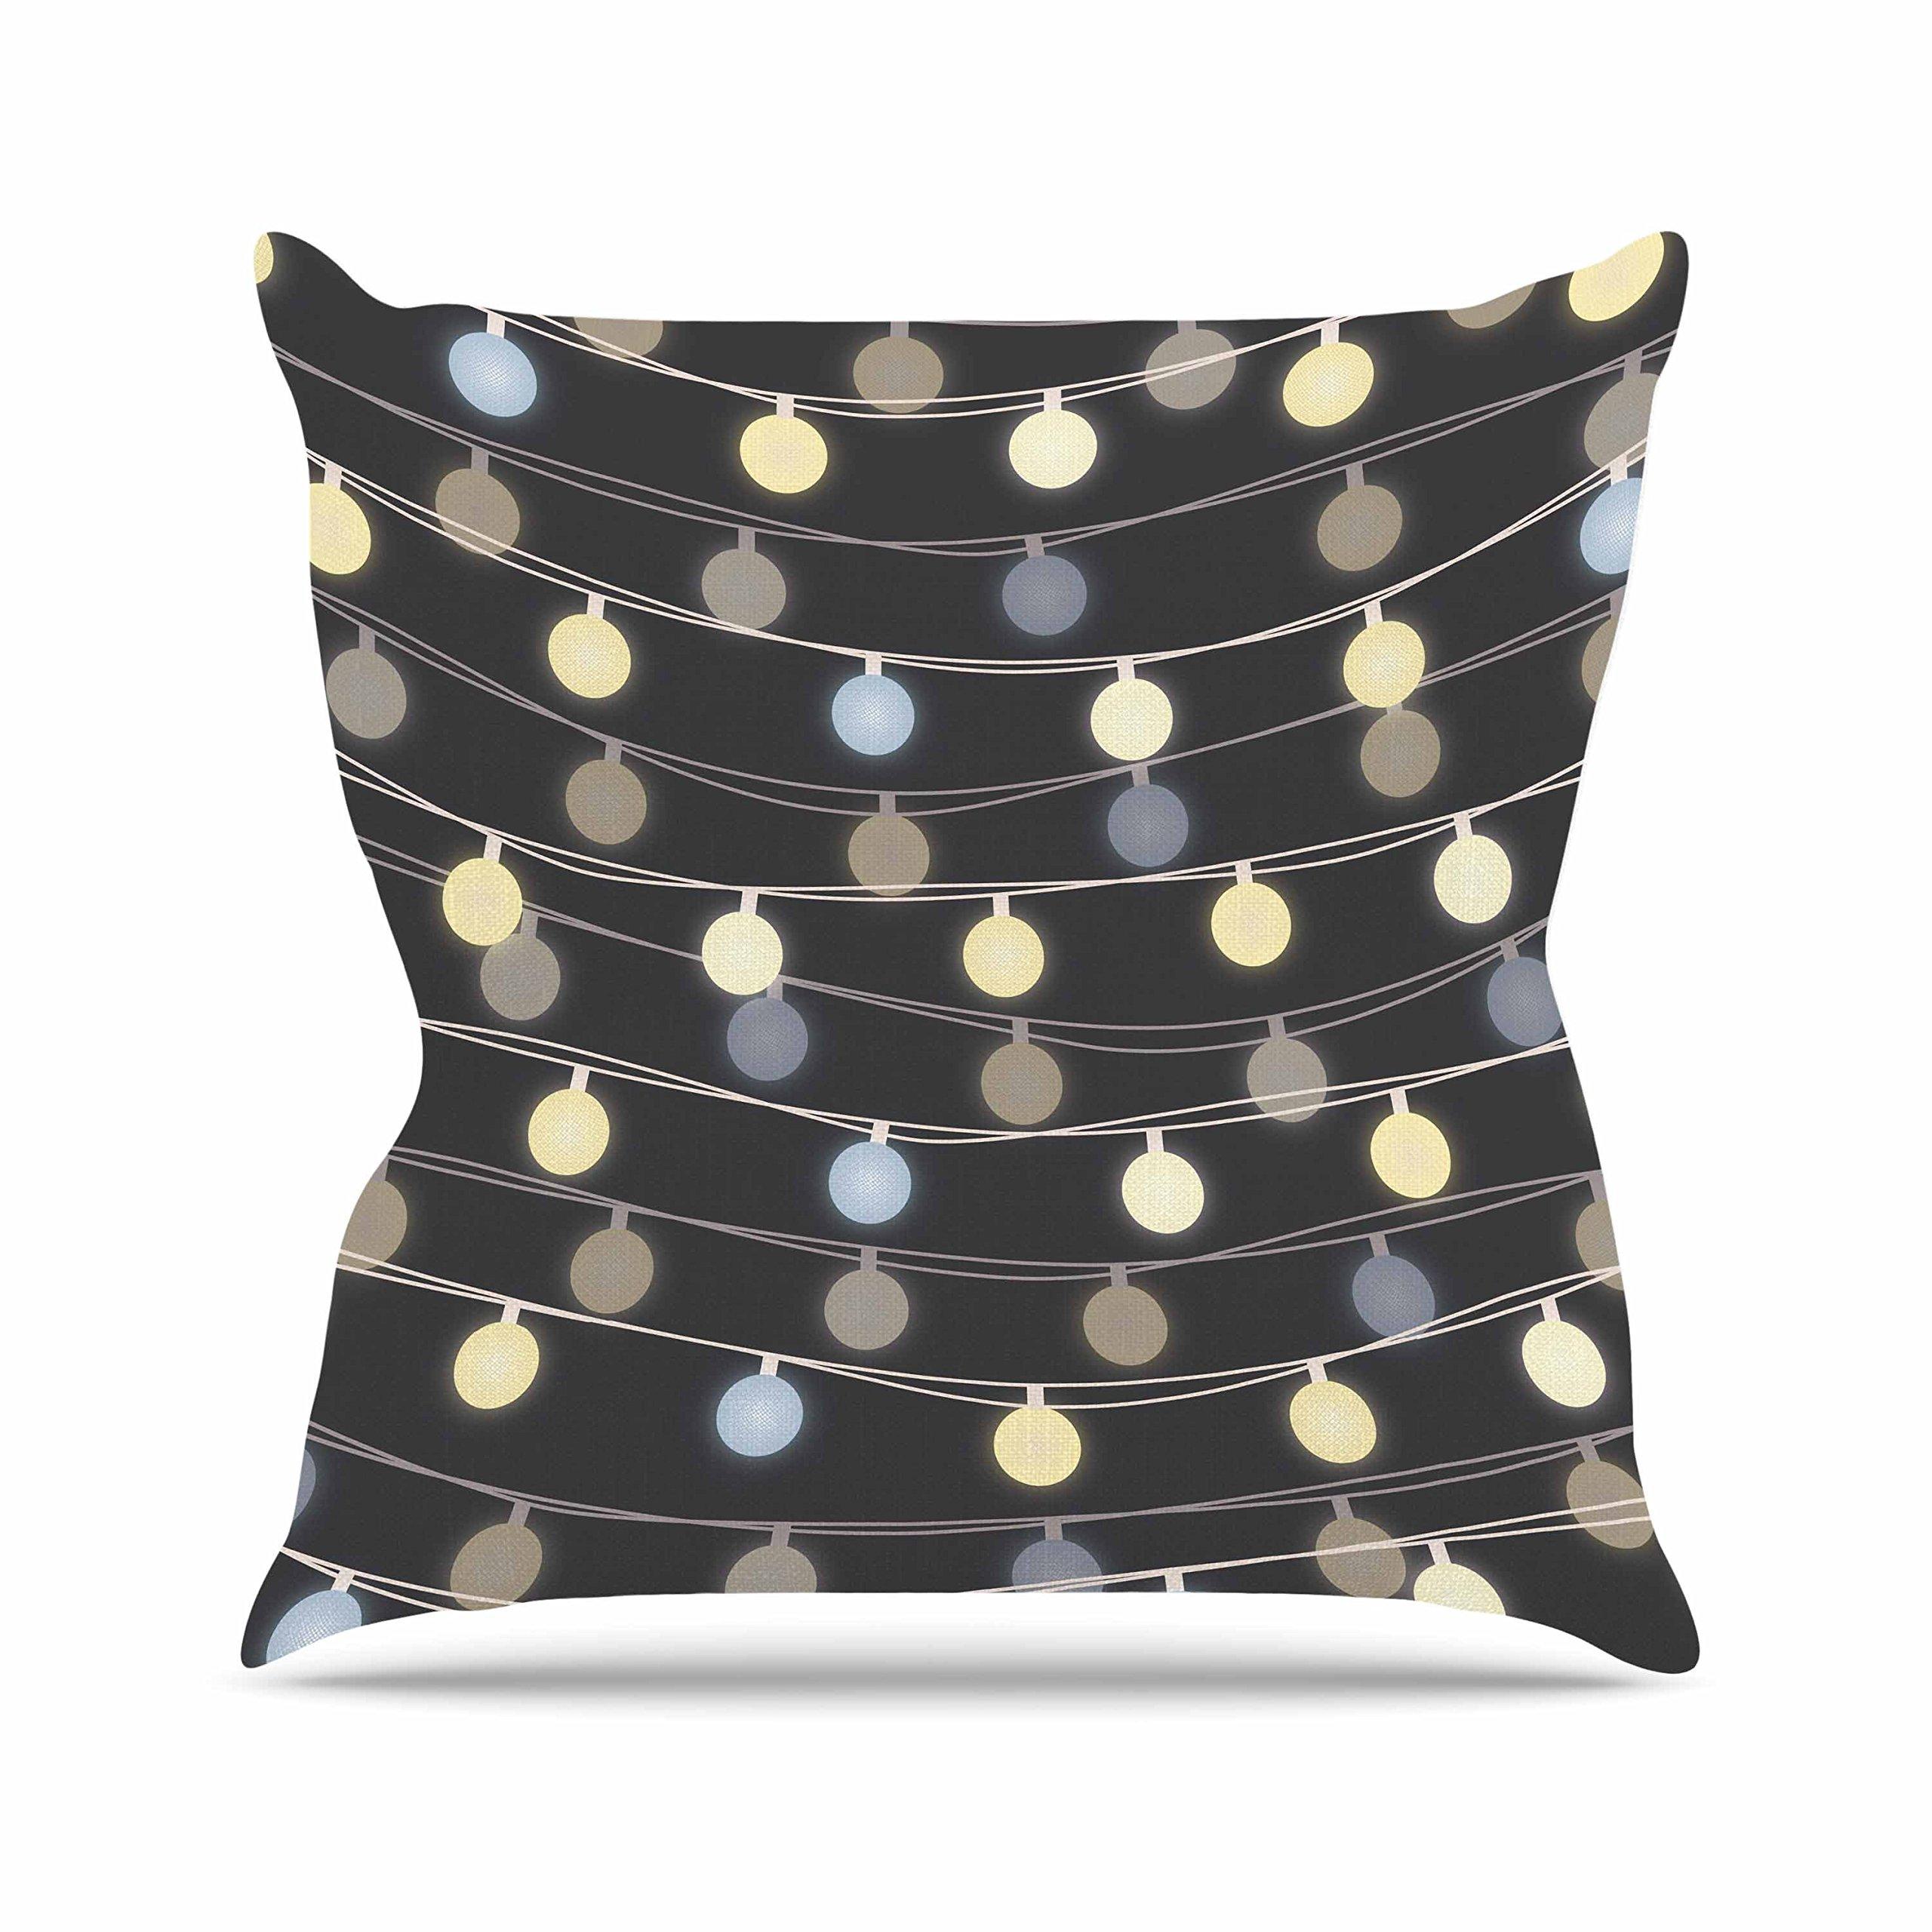 Kess InHouse Marta Olga Klara Fairy Lights Love Bokeh Outdoor Throw Pillow, 16'' x 16''